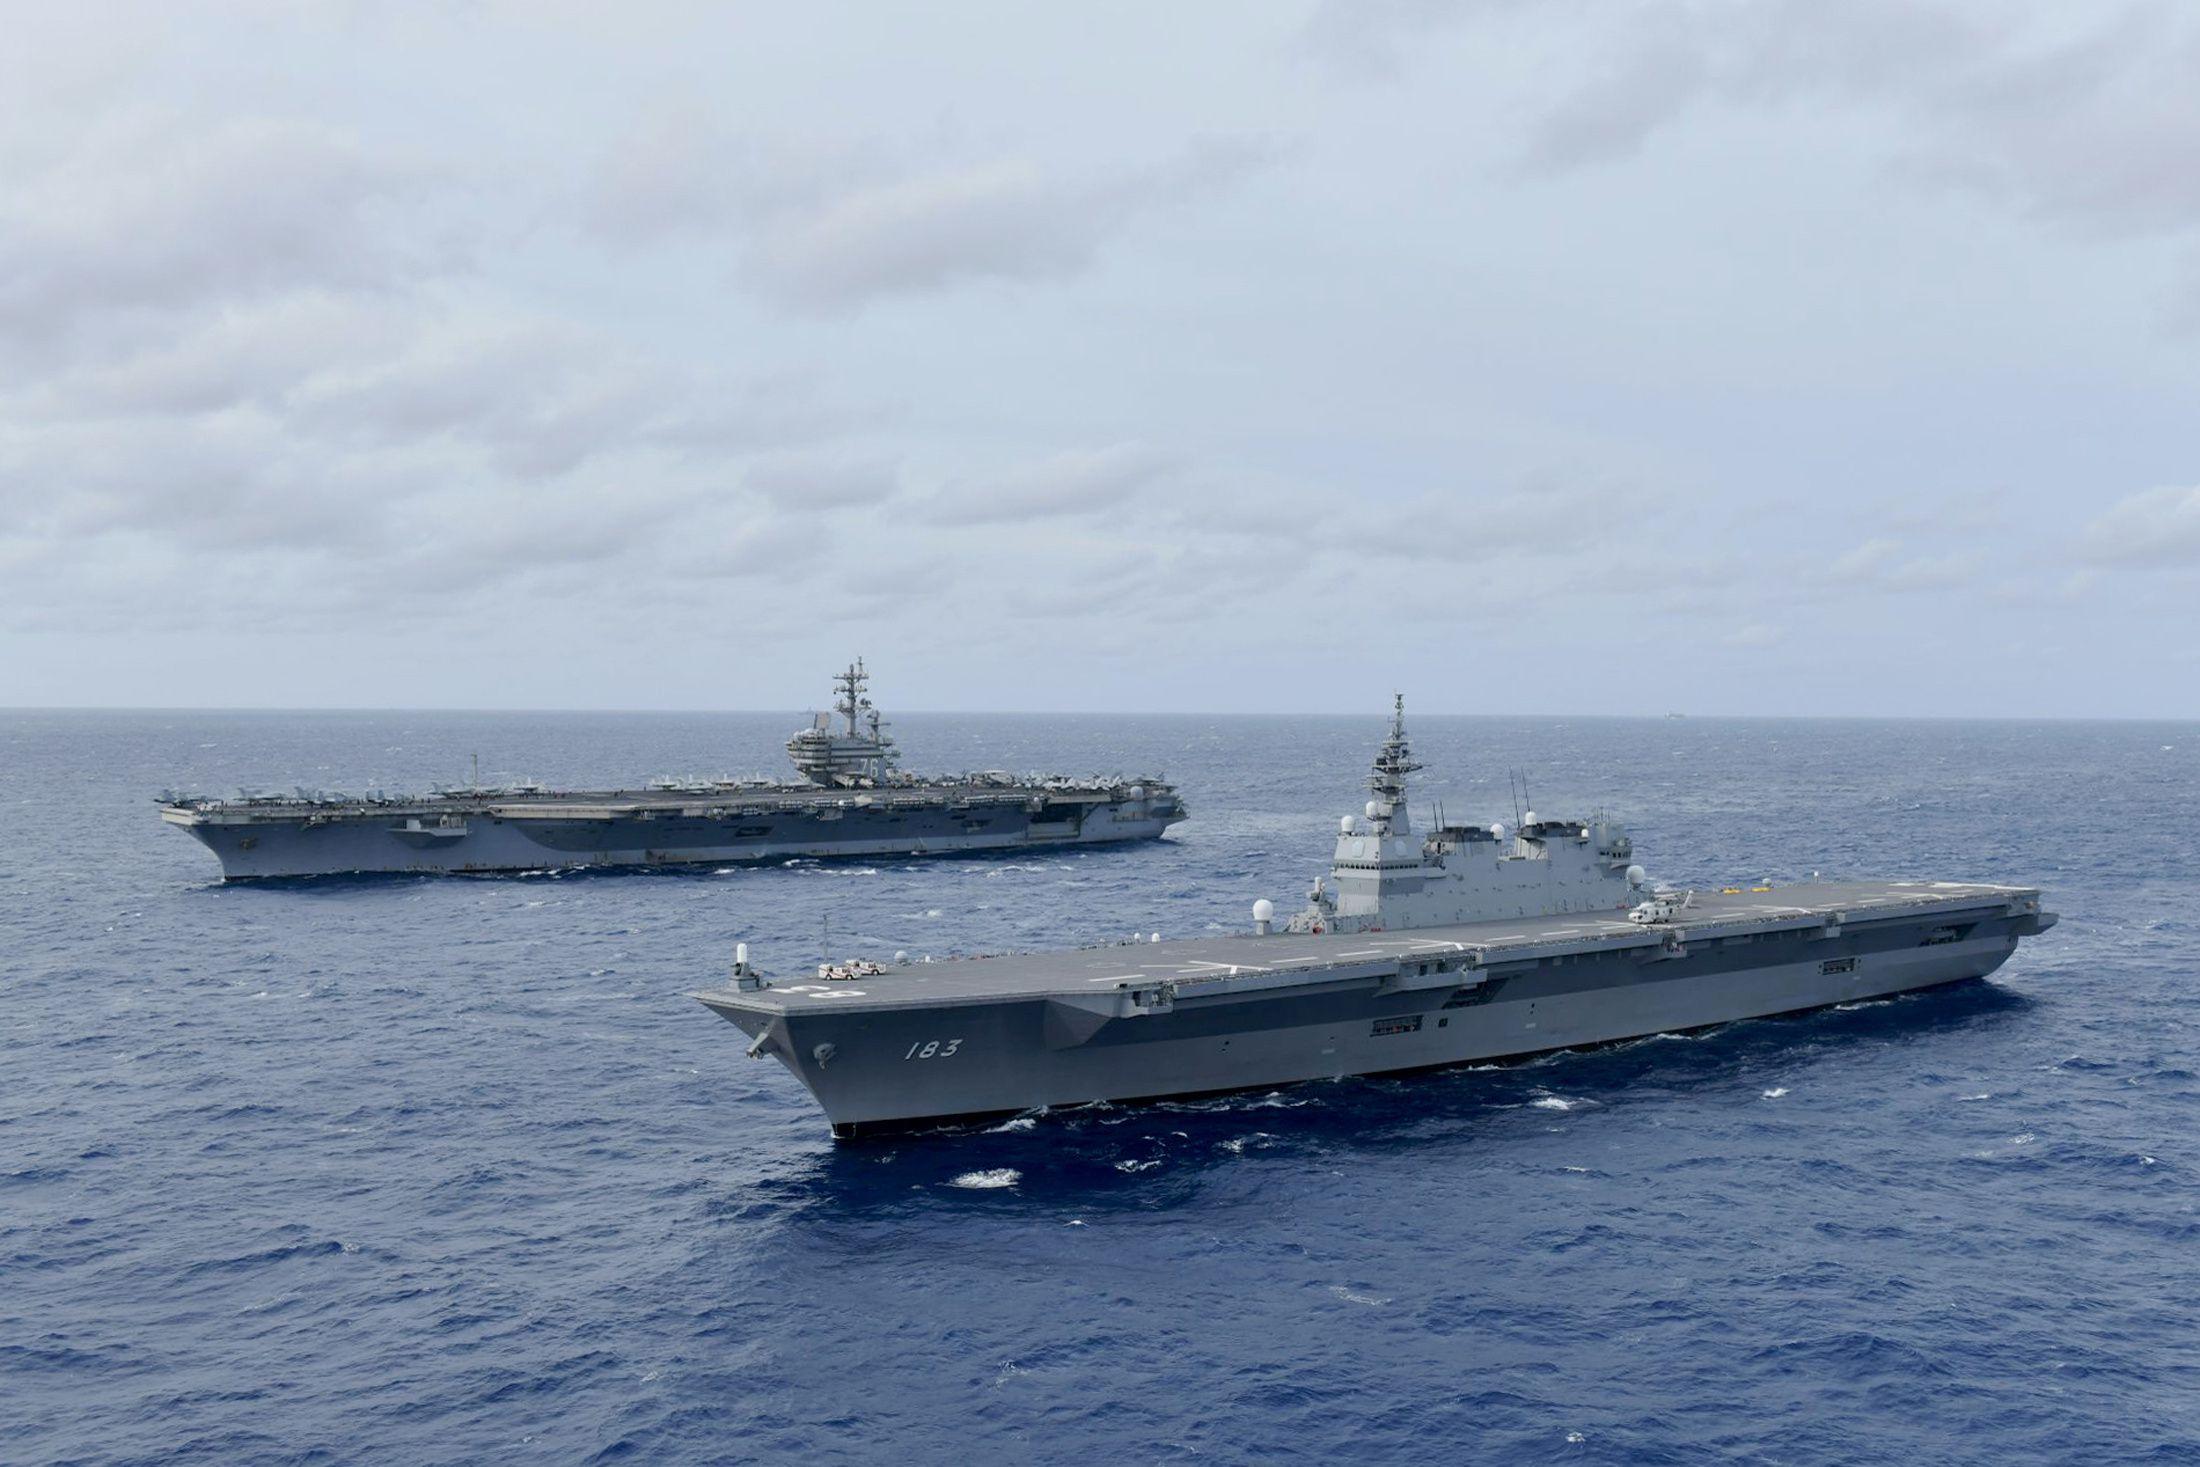 Tàu sân bay Mỹ, chiến hạm Nhật Bản liên tiếp tập trận trên Biển Đông